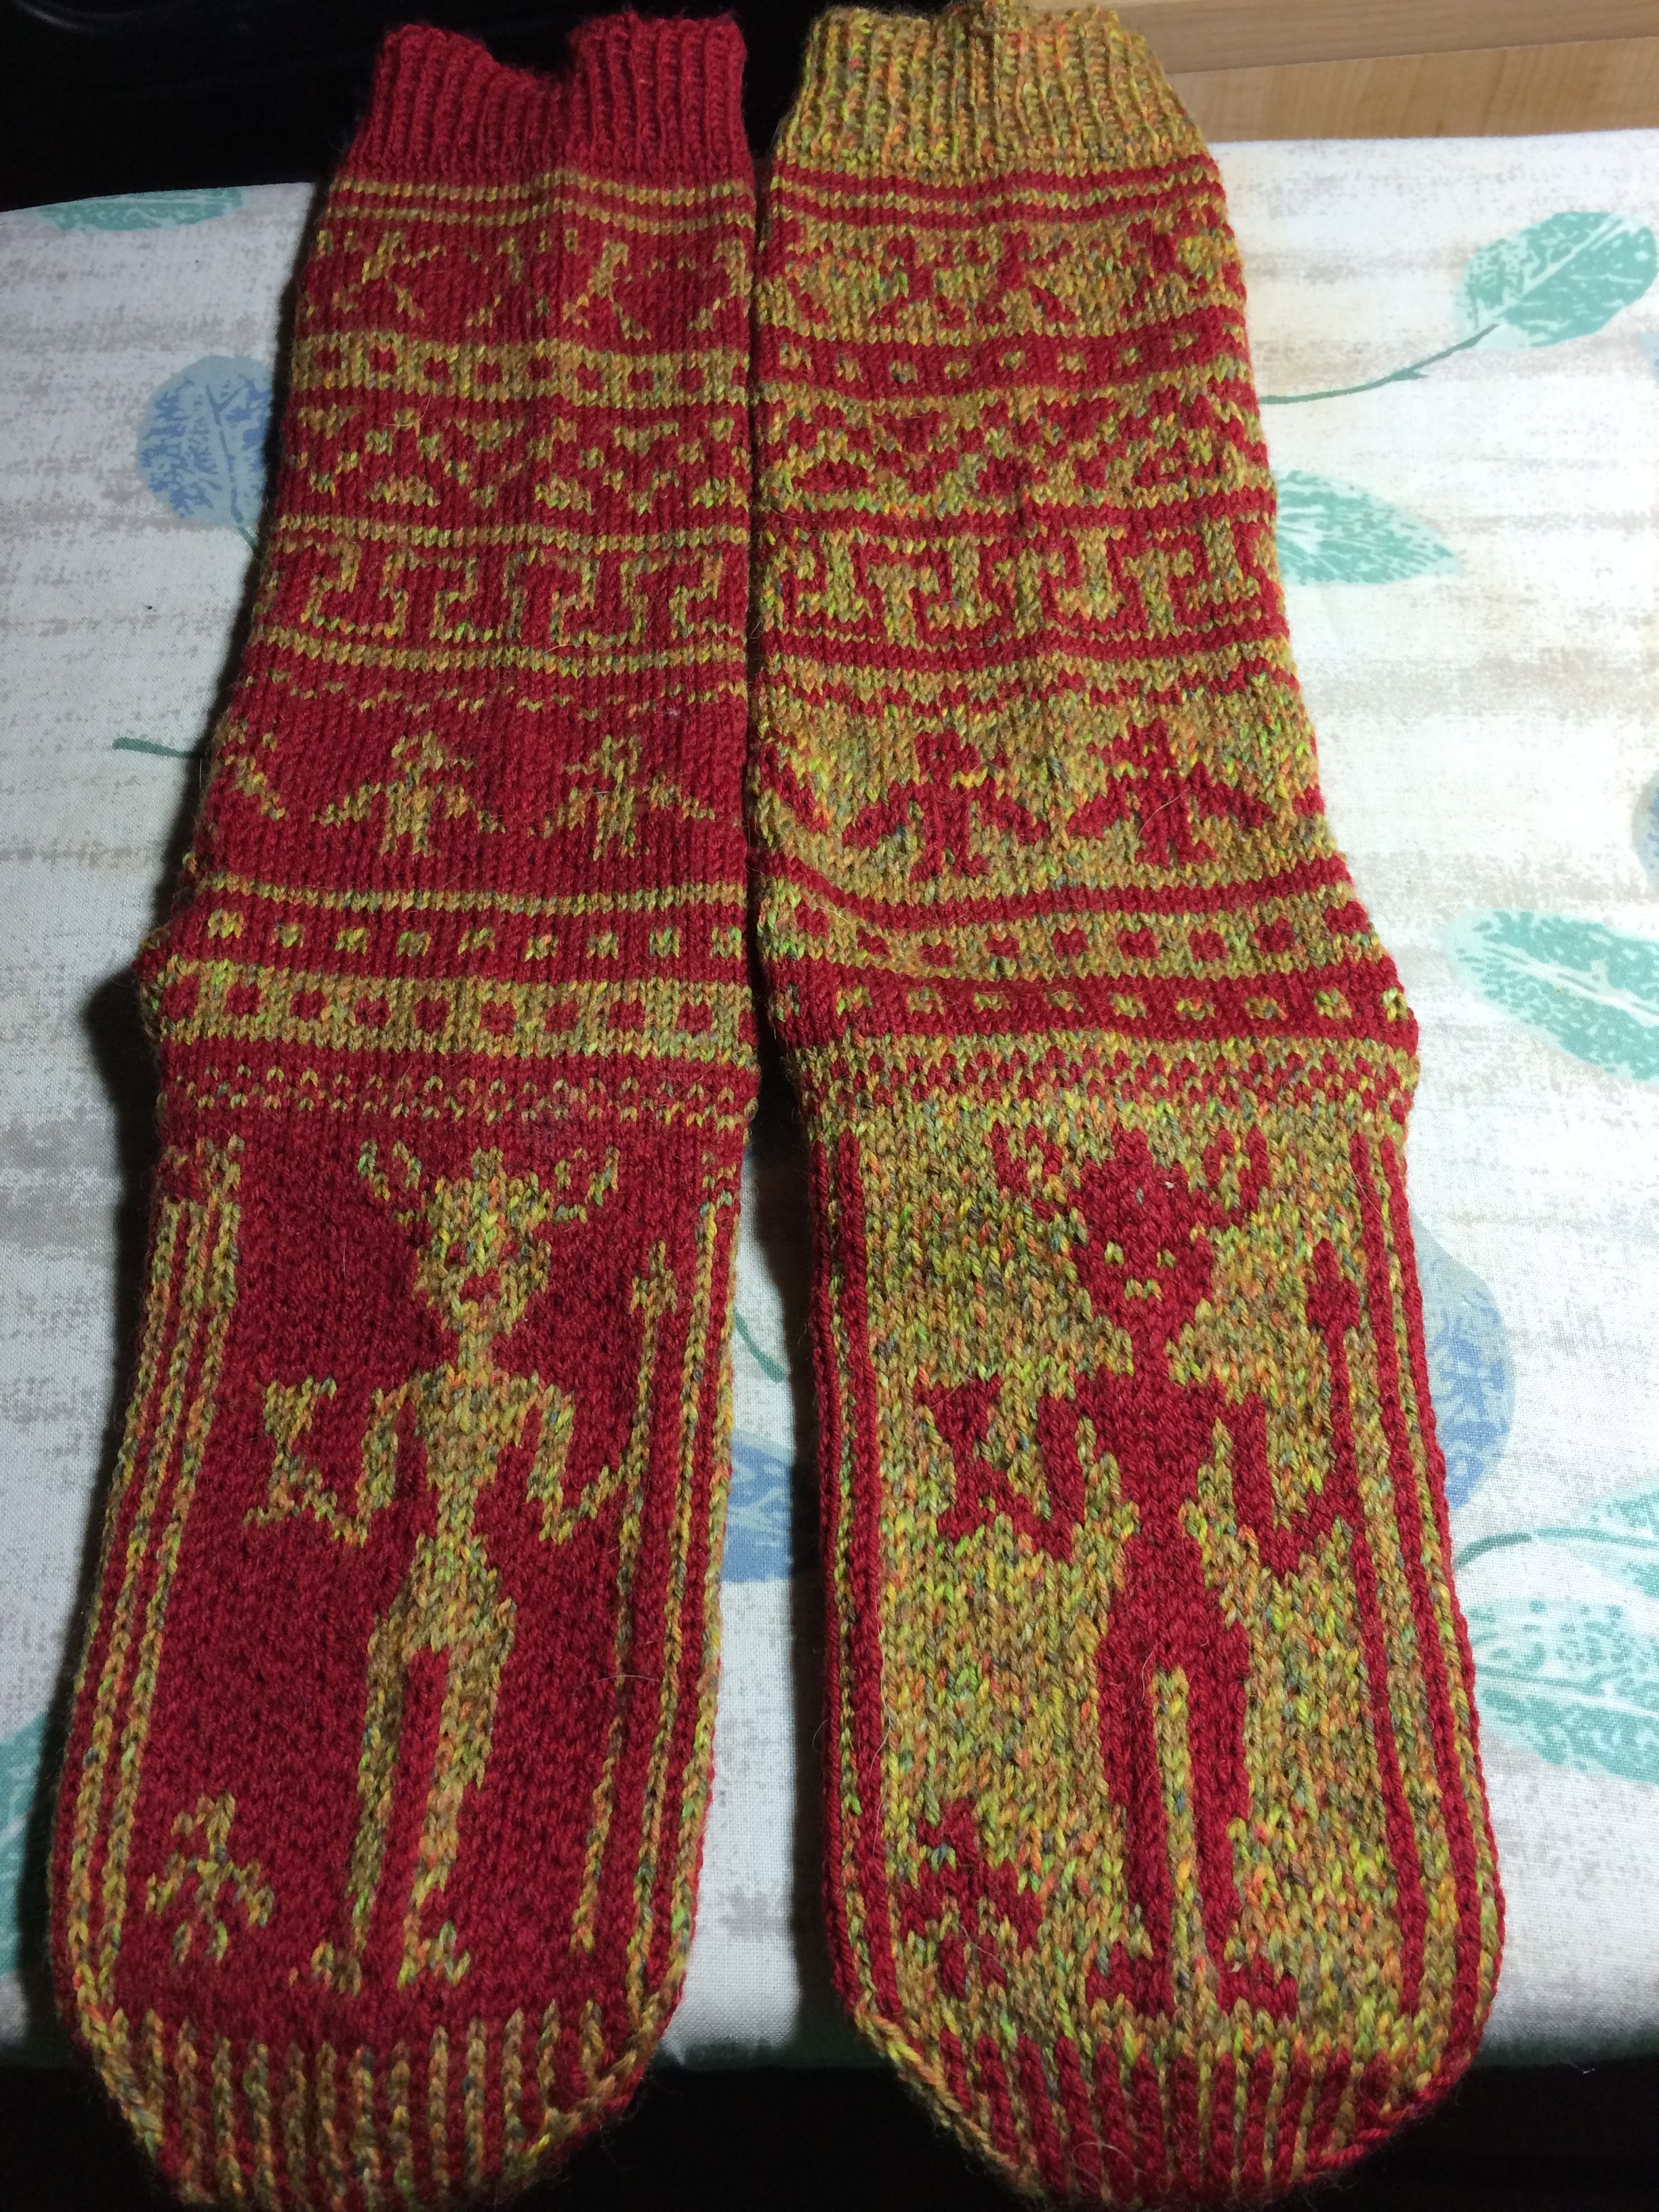 Aztec knit | yarn do-dads | Pinterest | Fair isle knitting, Fair ...